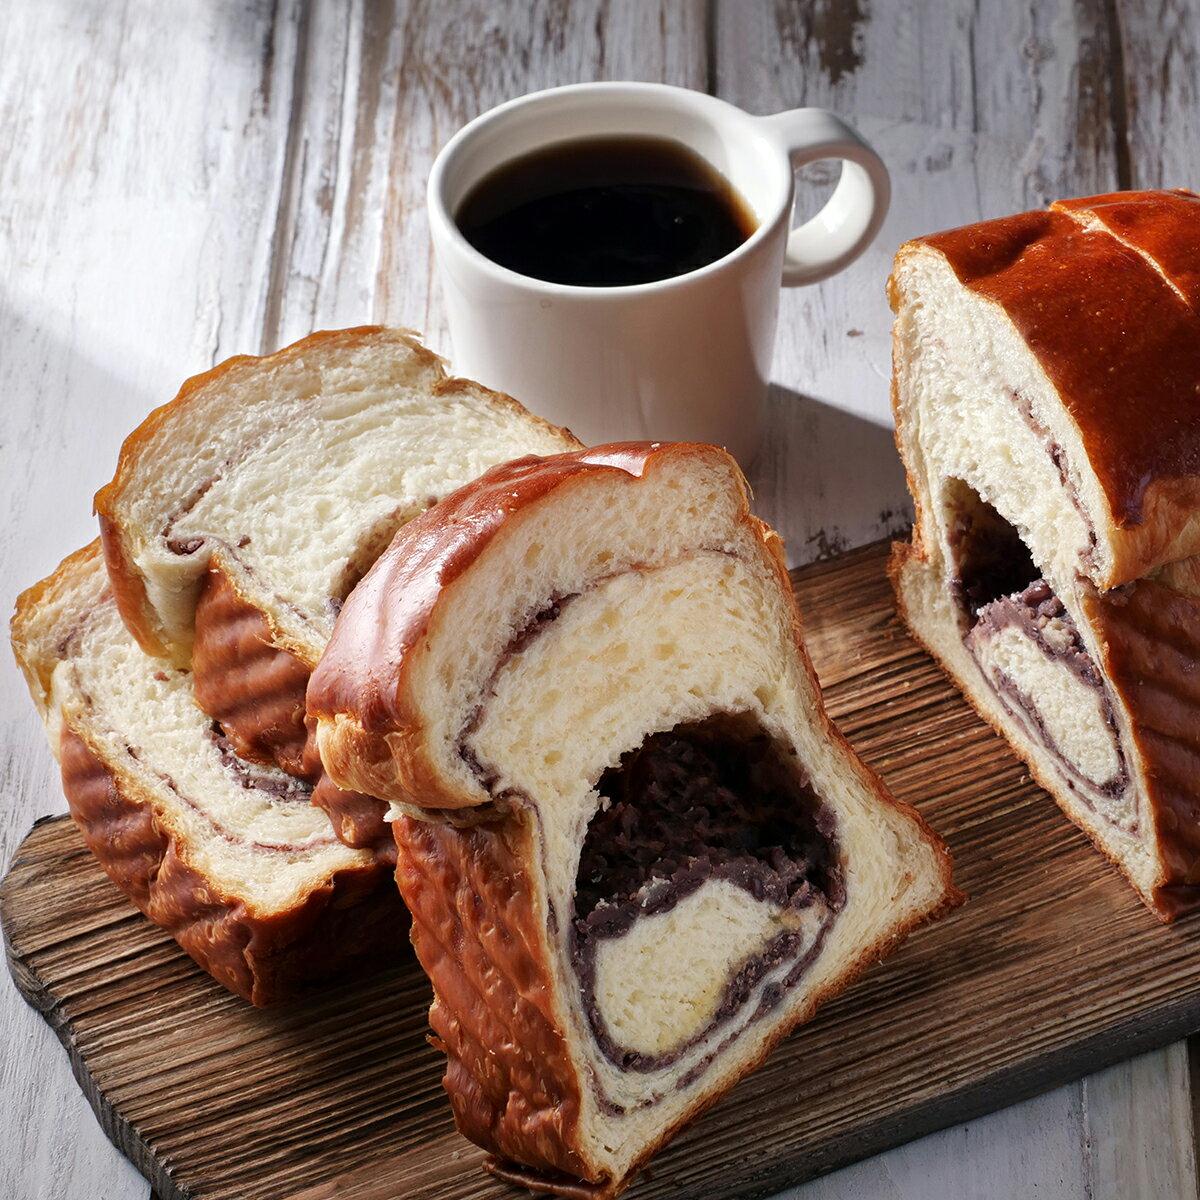 【甜蜜相思吐司/一條570g】使用日本熊本麵粉與天然食材|無人工添加物|新鮮店取|人氣團購|健康早餐點心的好選擇|部落客口碑推薦|蘋果日報報導|嚴選台灣在地食材|紅豆相思甜蜜口感